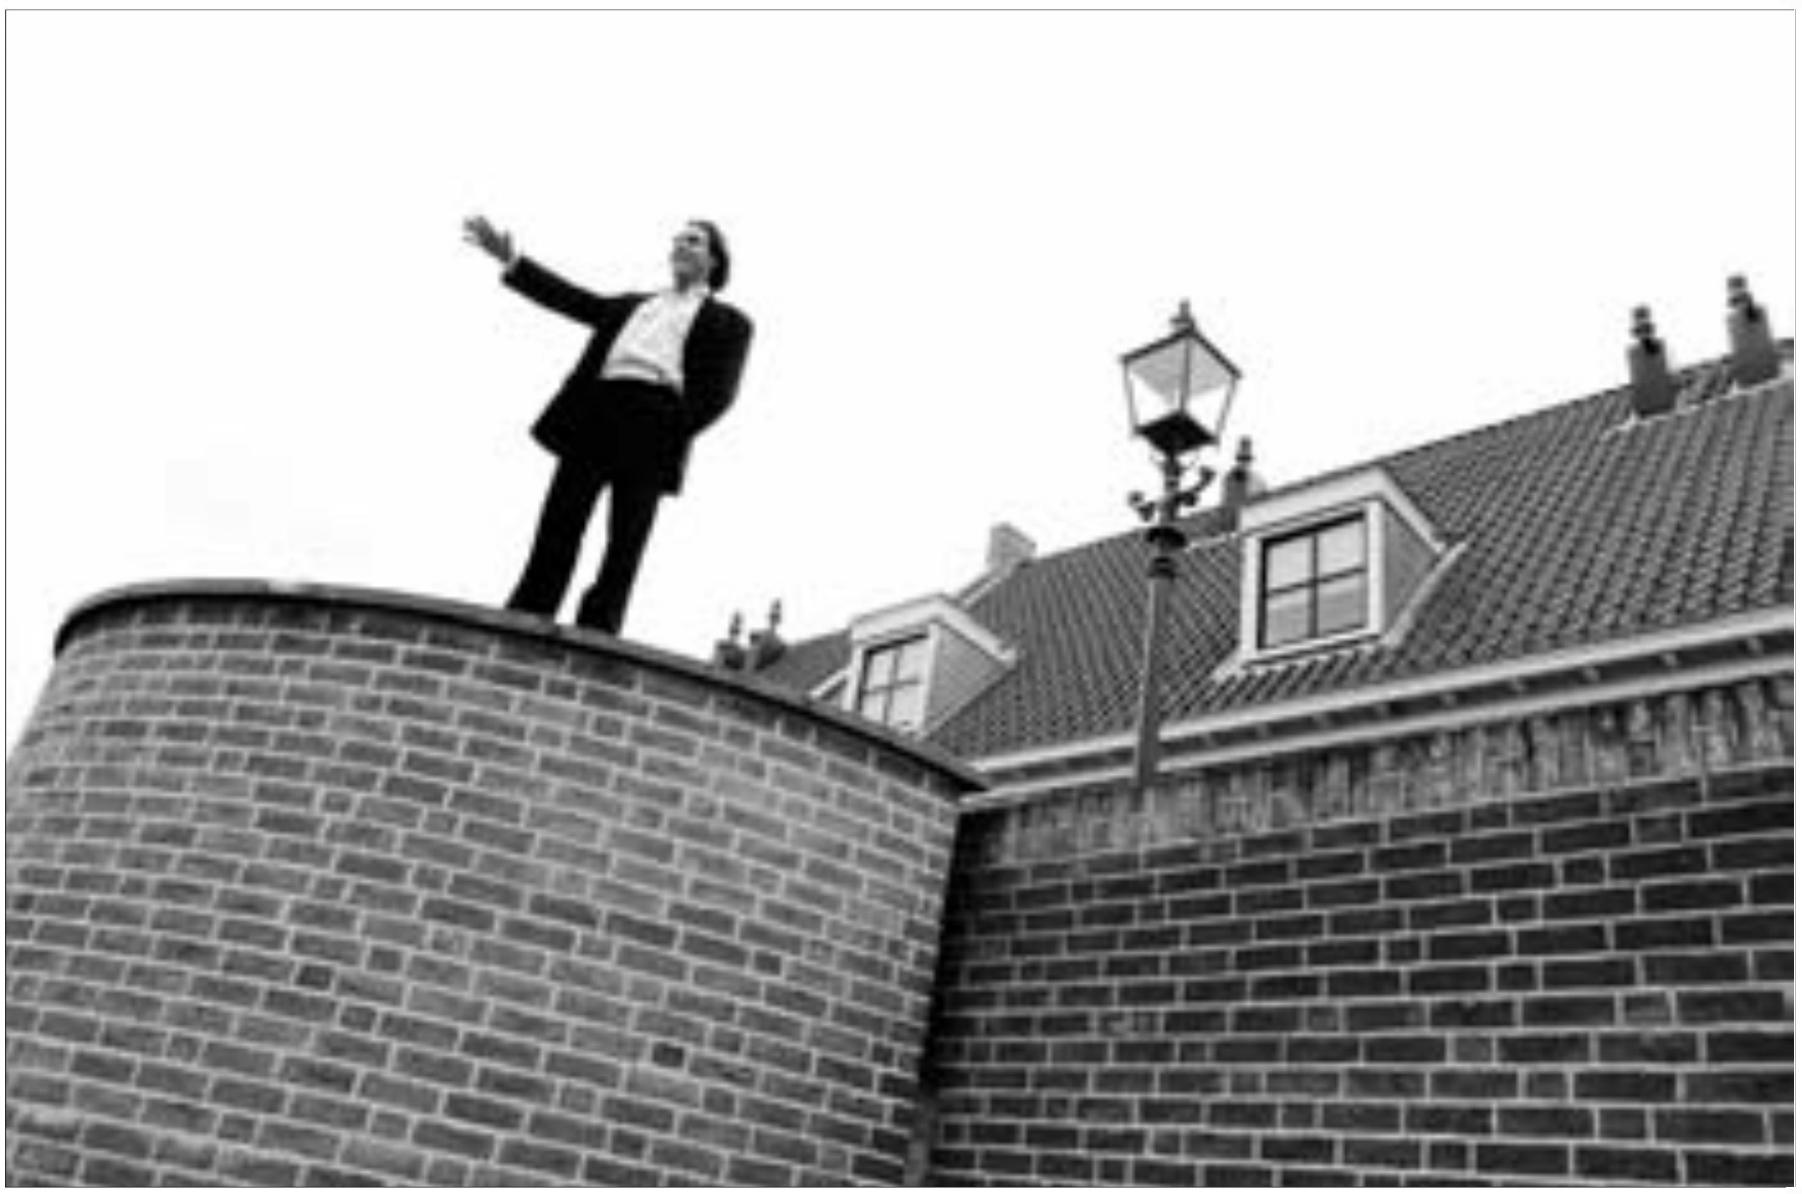 Utrechts-Nieuwsblad-Fotowedstrijd-IJsselstein-Martin-Planken